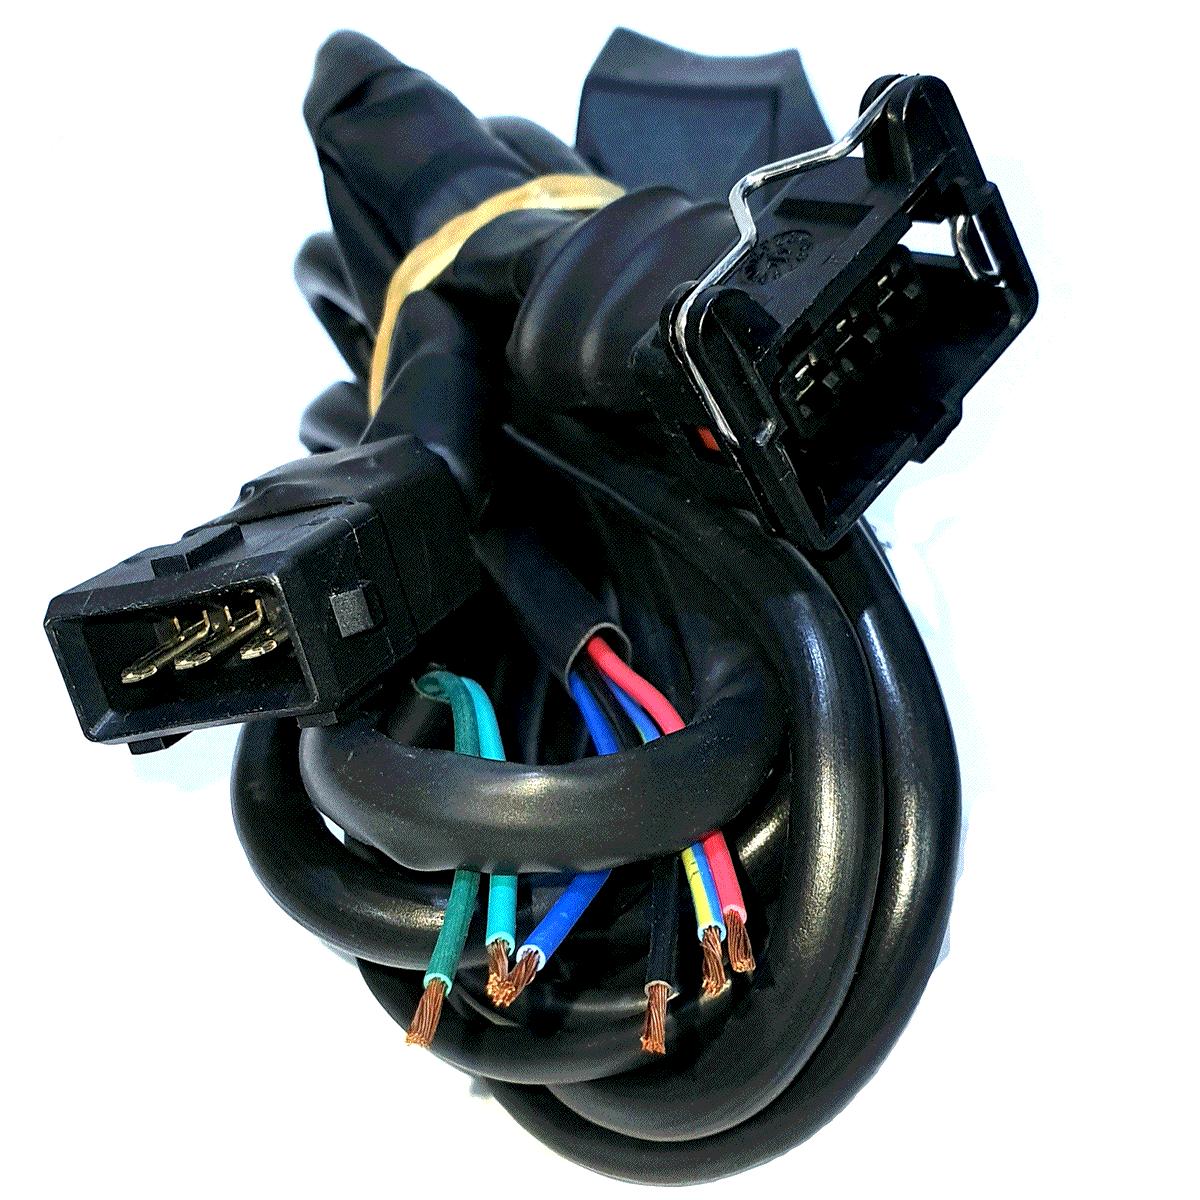 Chicote Variador TURY T30 e compatíveis Sensor Rotação Escolha o Conector